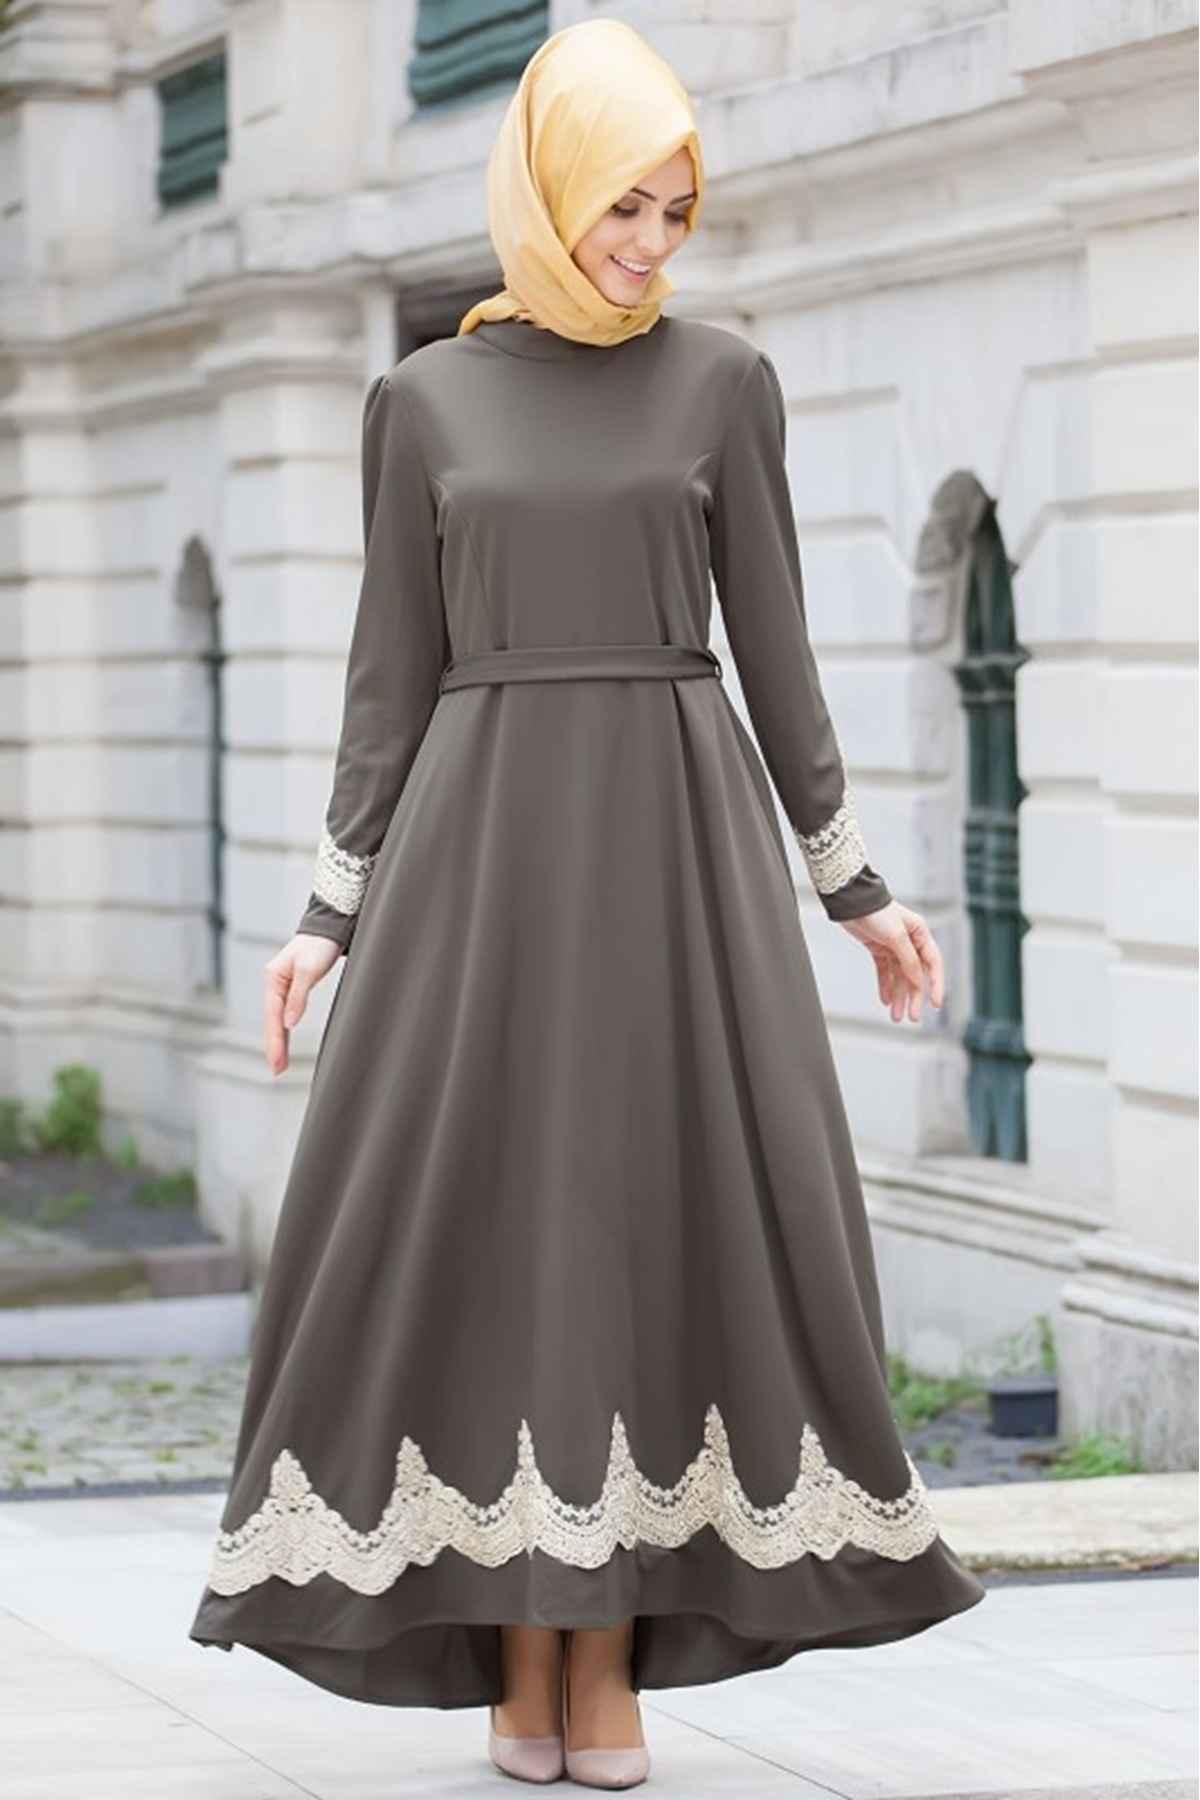 Patırtı Tesettür Güpürlü Abiye Elbise Modelleri